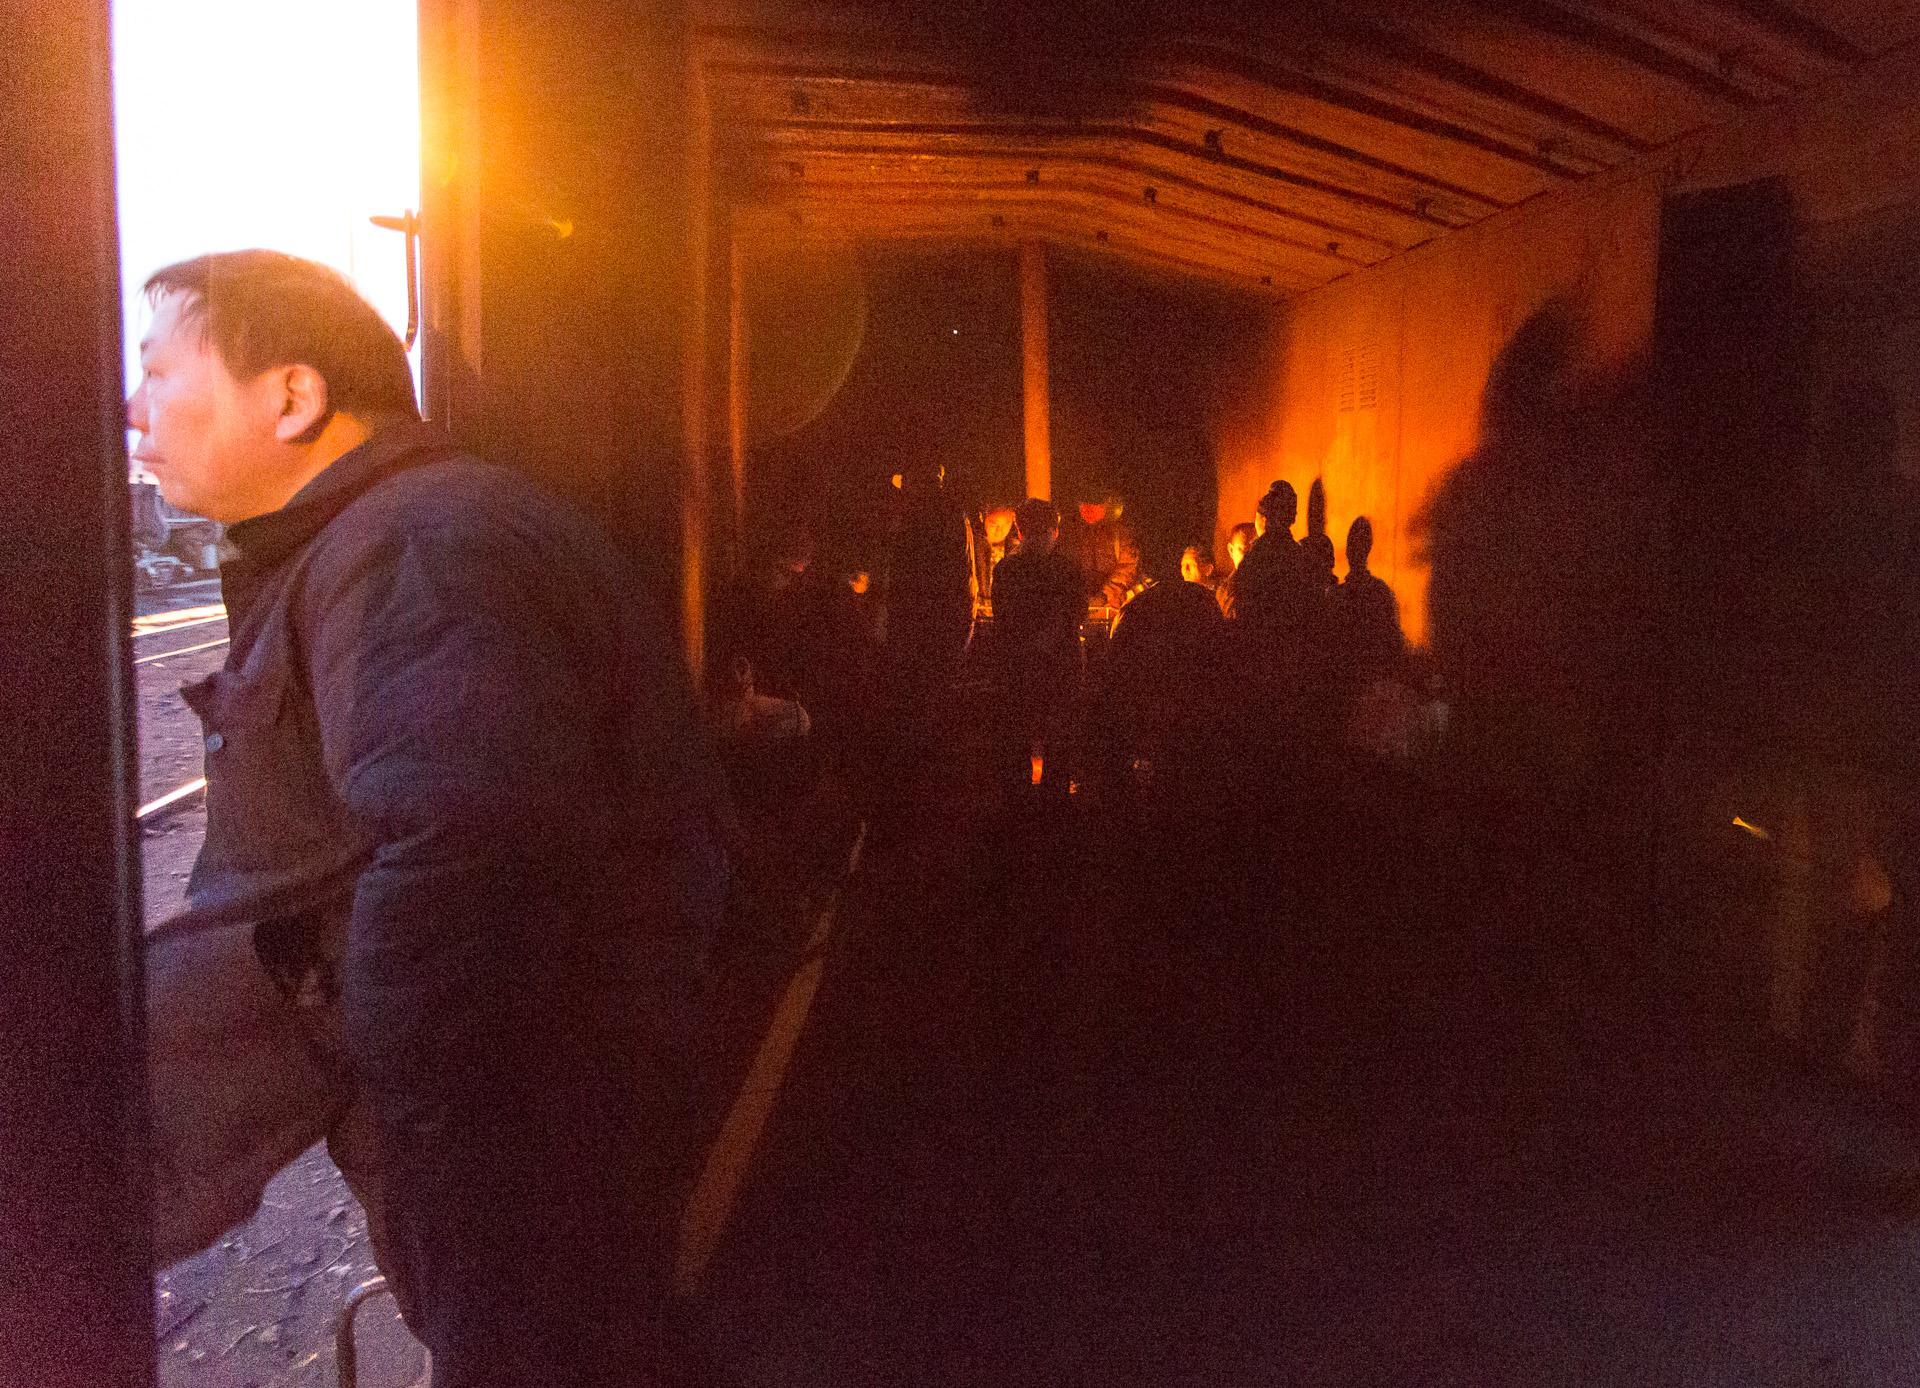 Arbeiter auf dem Weg zum Schichtwechsel. Während draußen die Sonne aufgeht wärmen sie sich bei Minusgraden im Güterwagen am Kanonenofen.